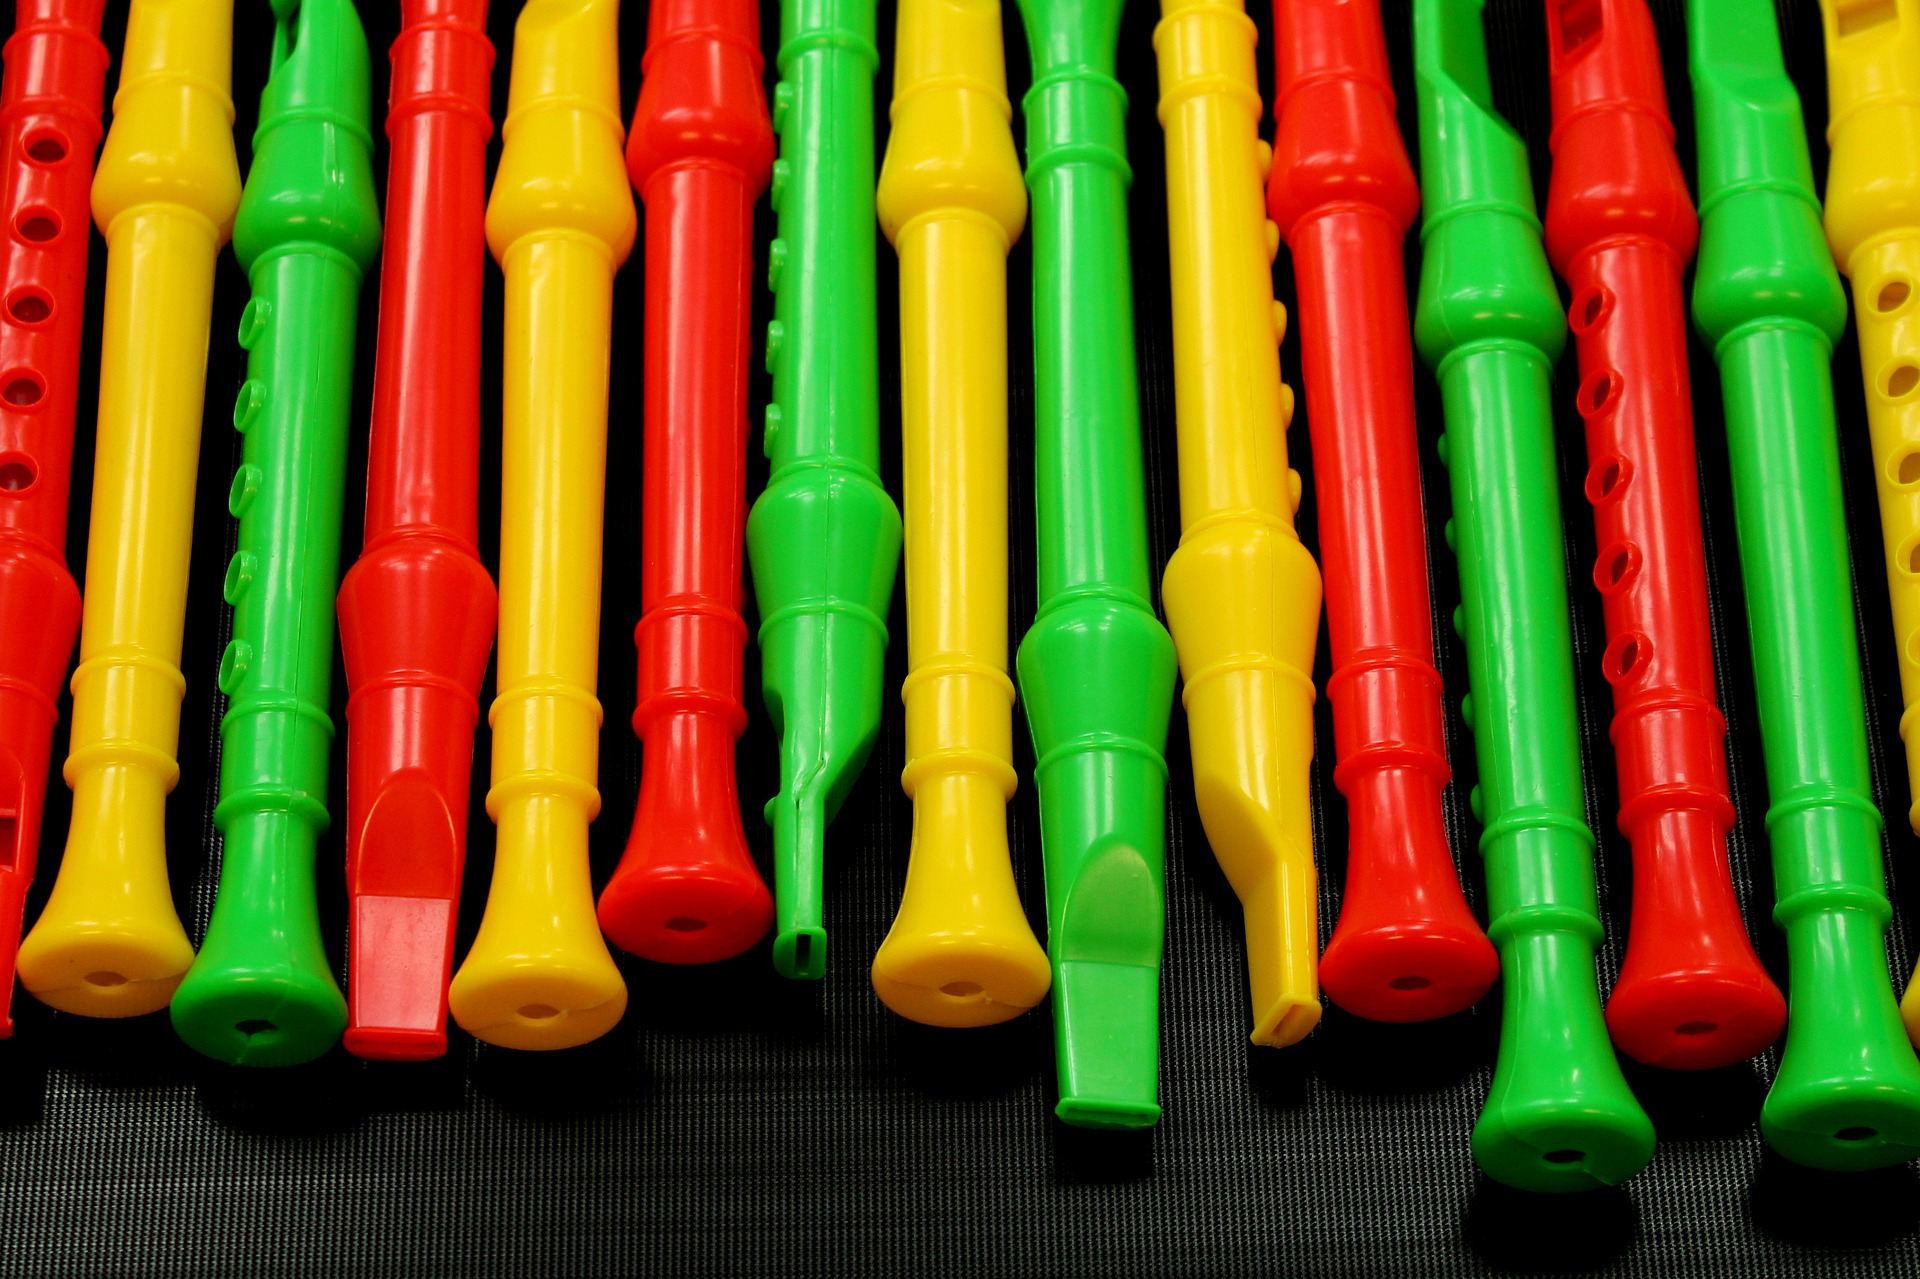 gelbe rote und grüne Flöten liegen auf einer dunklen Unterlage